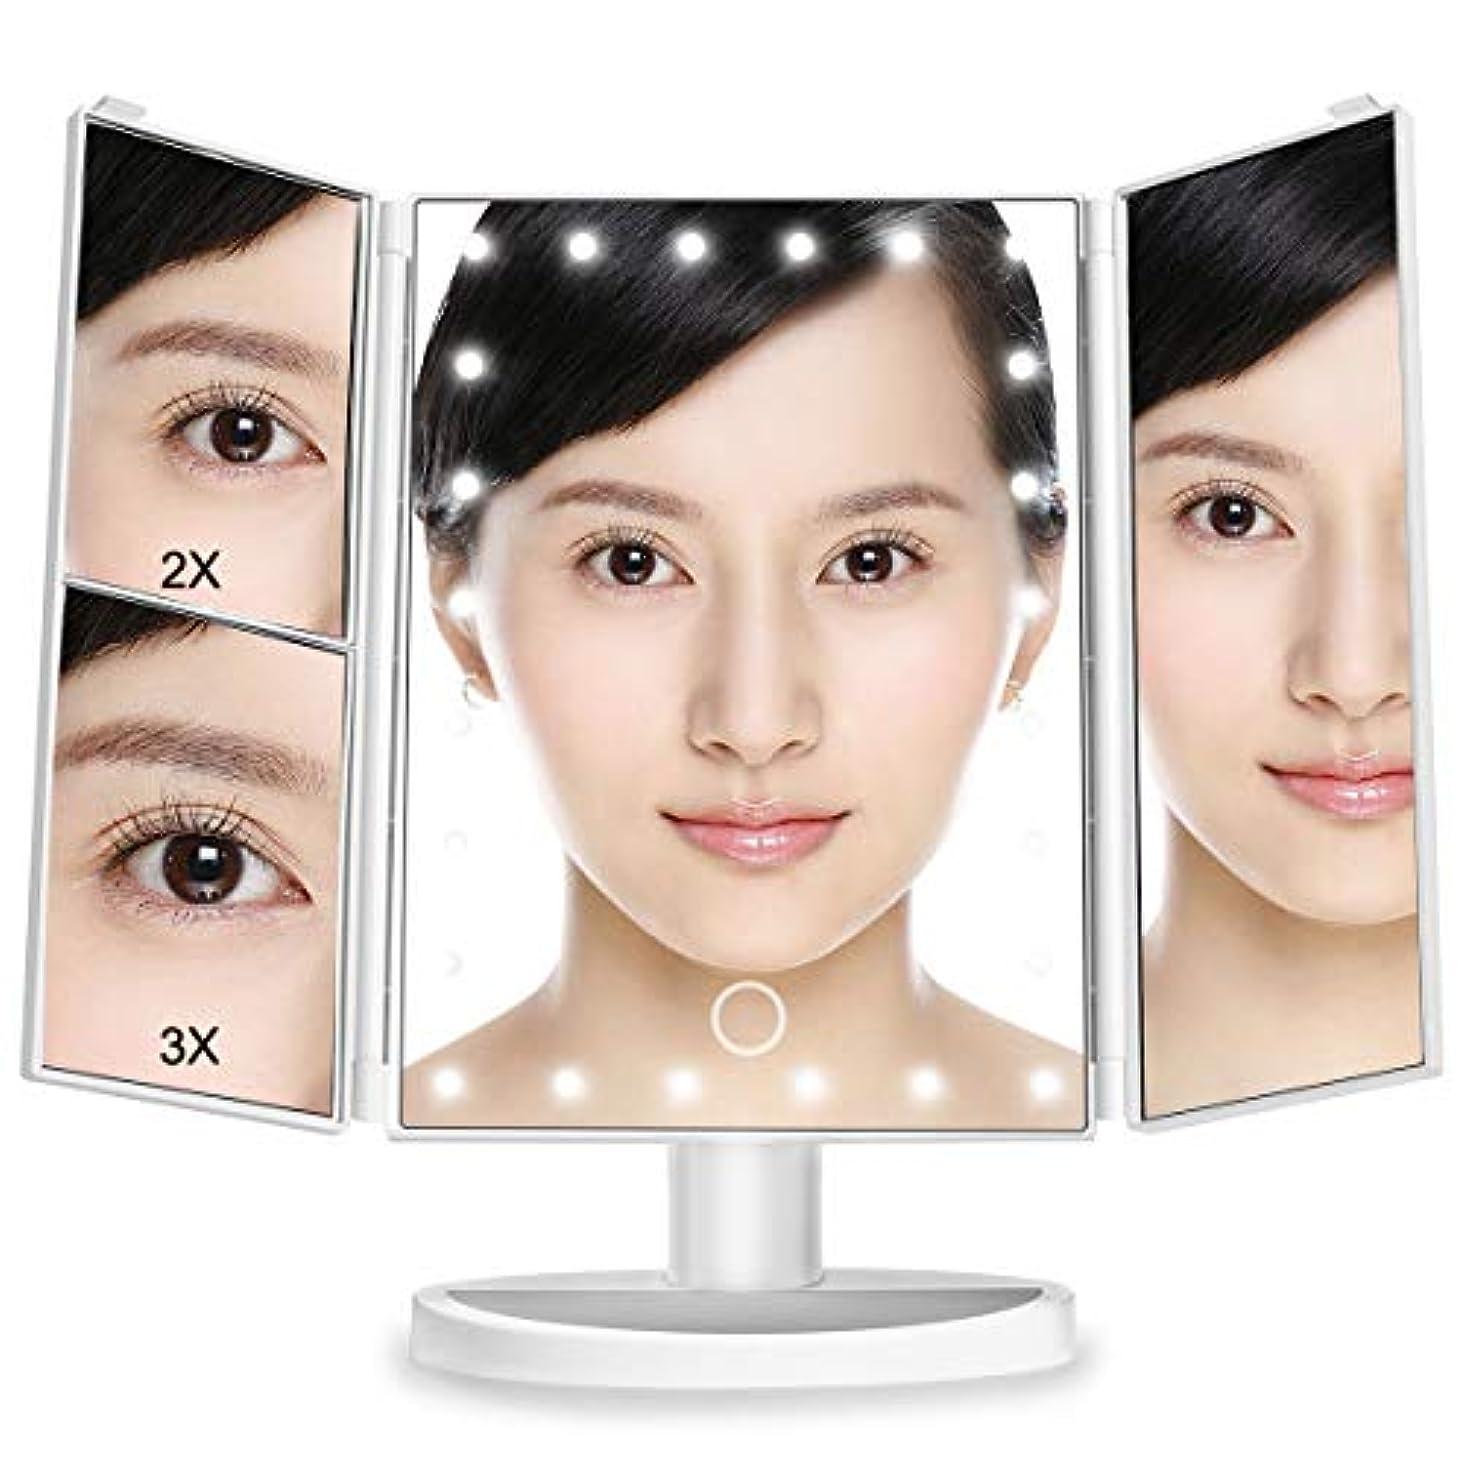 失礼な本を読む私達女優ミラー 三面鏡 鏡 led 卓上鏡 化粧鏡 化粧ミラー 鏡 折りたたみ式 ledライト付き 明るさ調整可能 2&3倍拡大鏡付 180 °回転 電池&USB 2WAY給電